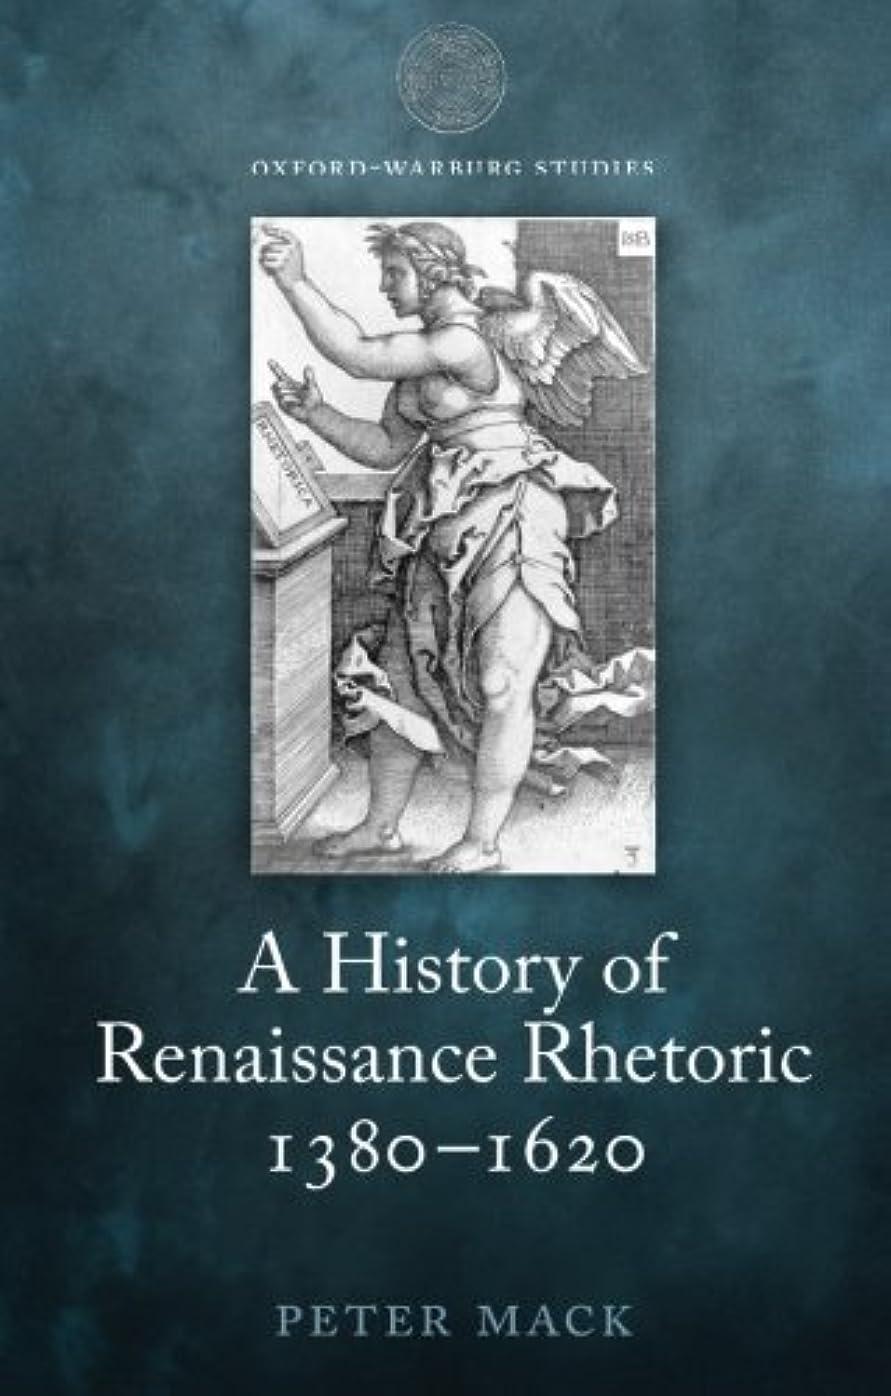 時間厳守ギャザー工場A History of Renaissance Rhetoric 1380-1620 (Oxford-Warburg Studies)